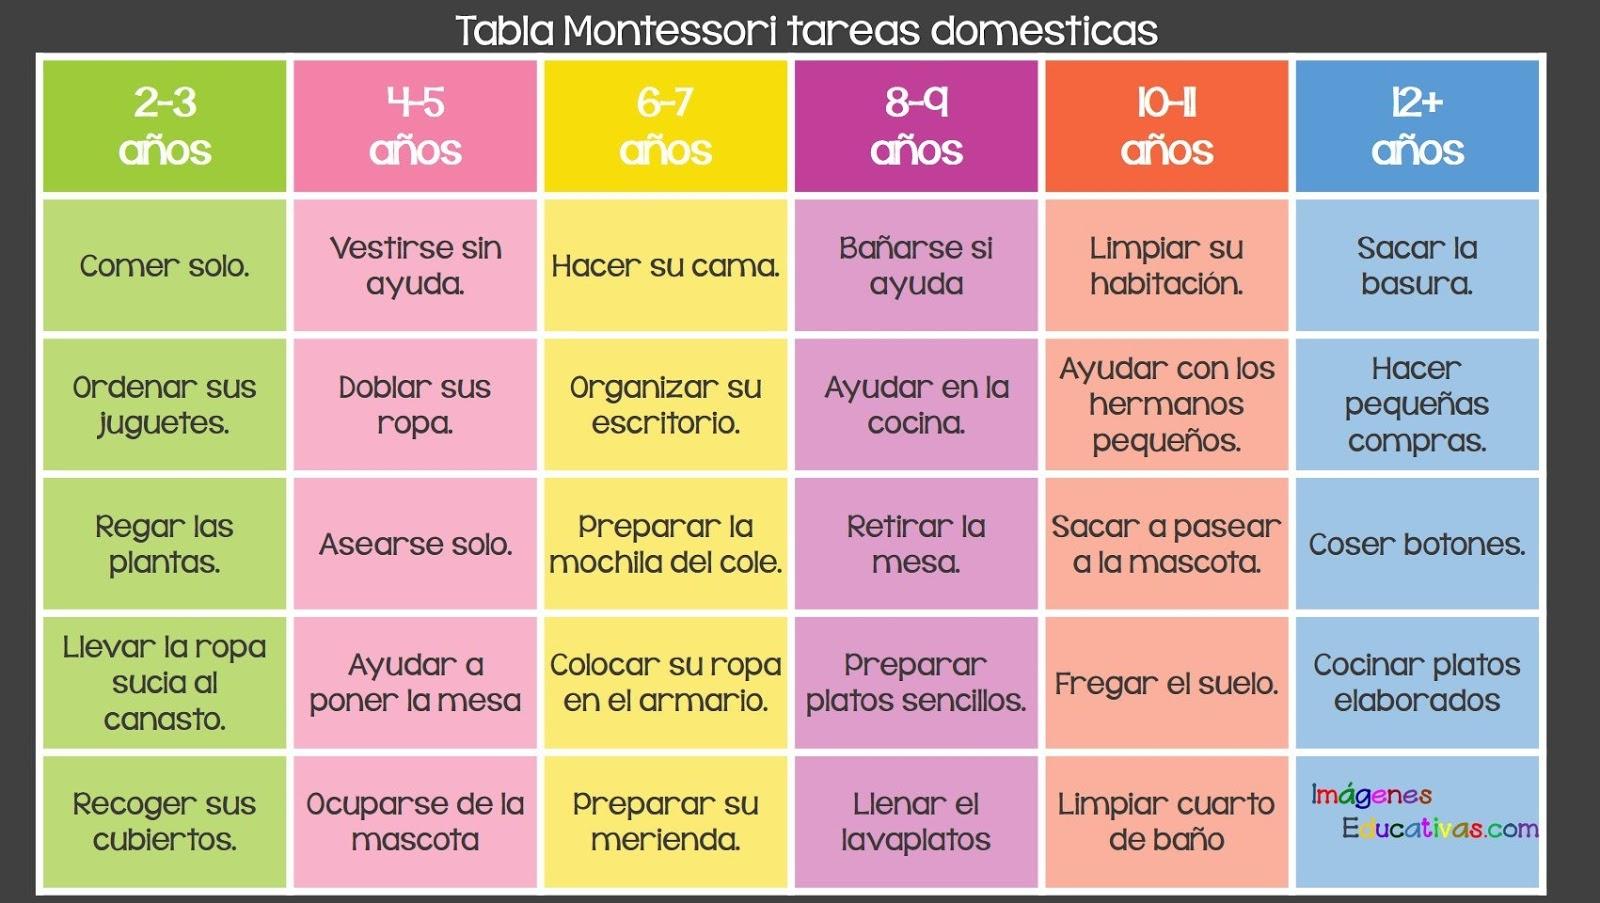 TABLA DE TAREAS DEL HOGAR PARA EDUCAR A LOS NIÑOS DE ACUERDO